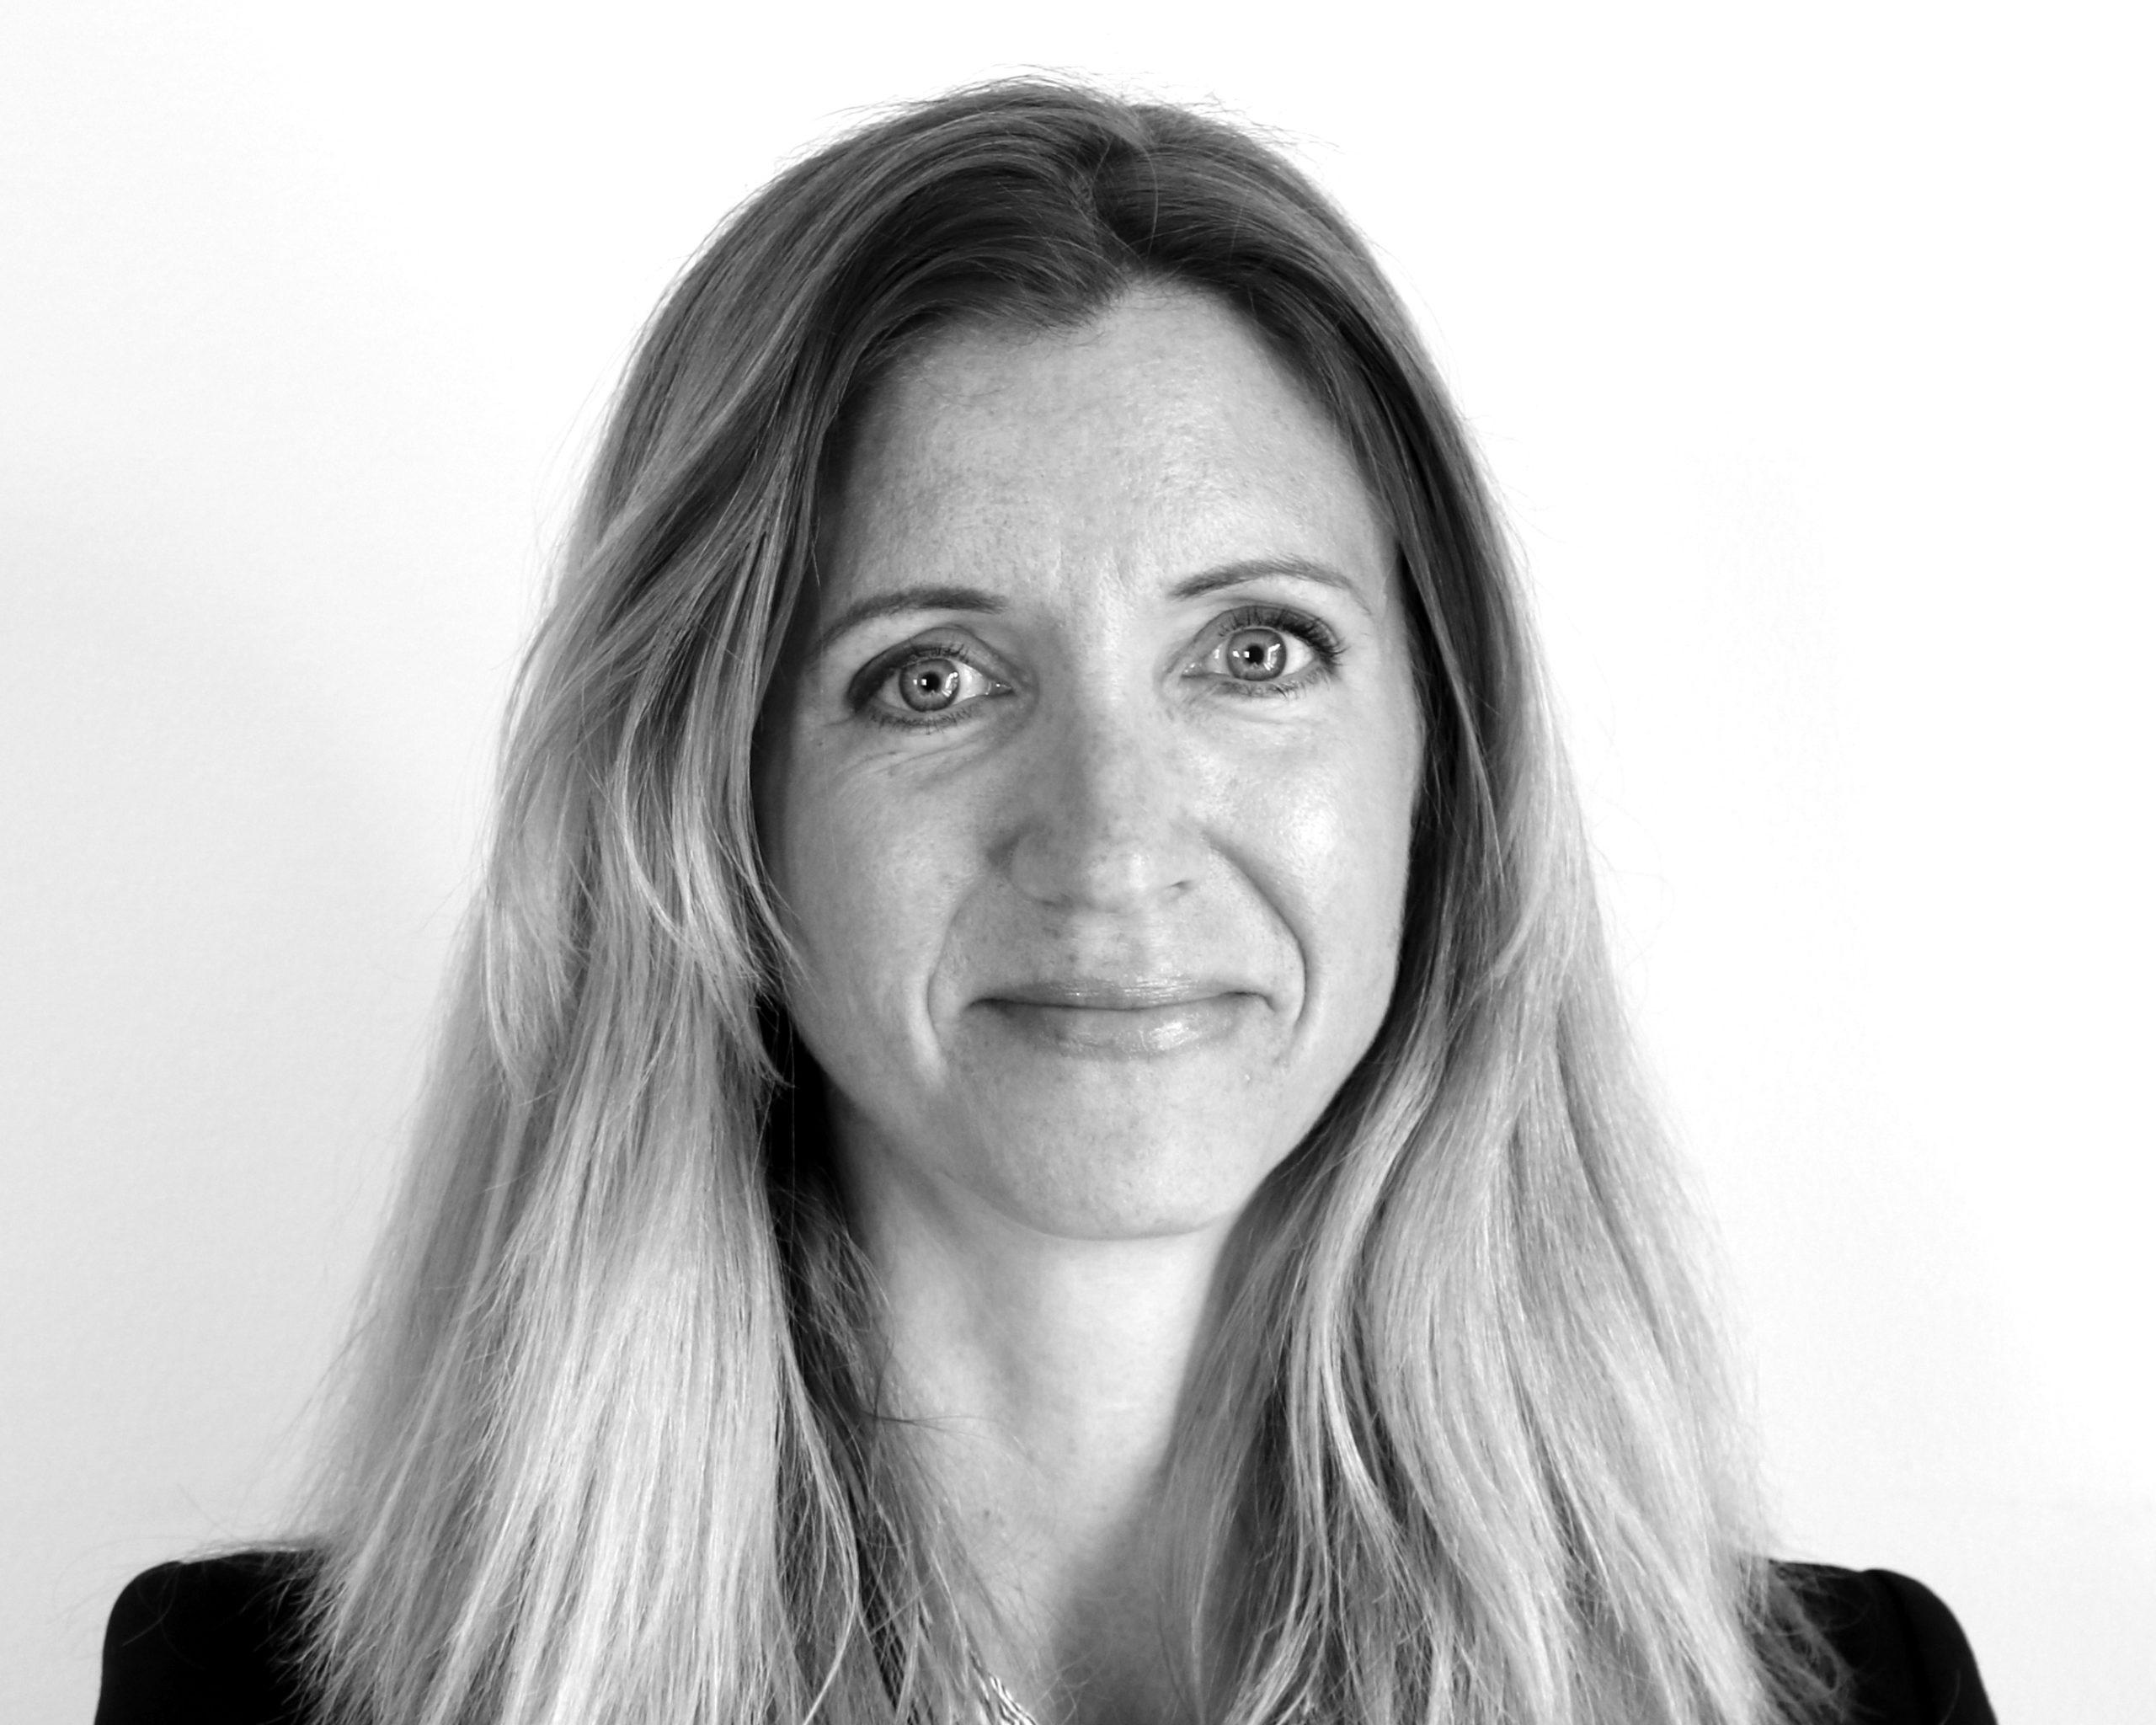 Emma Nehrenheim